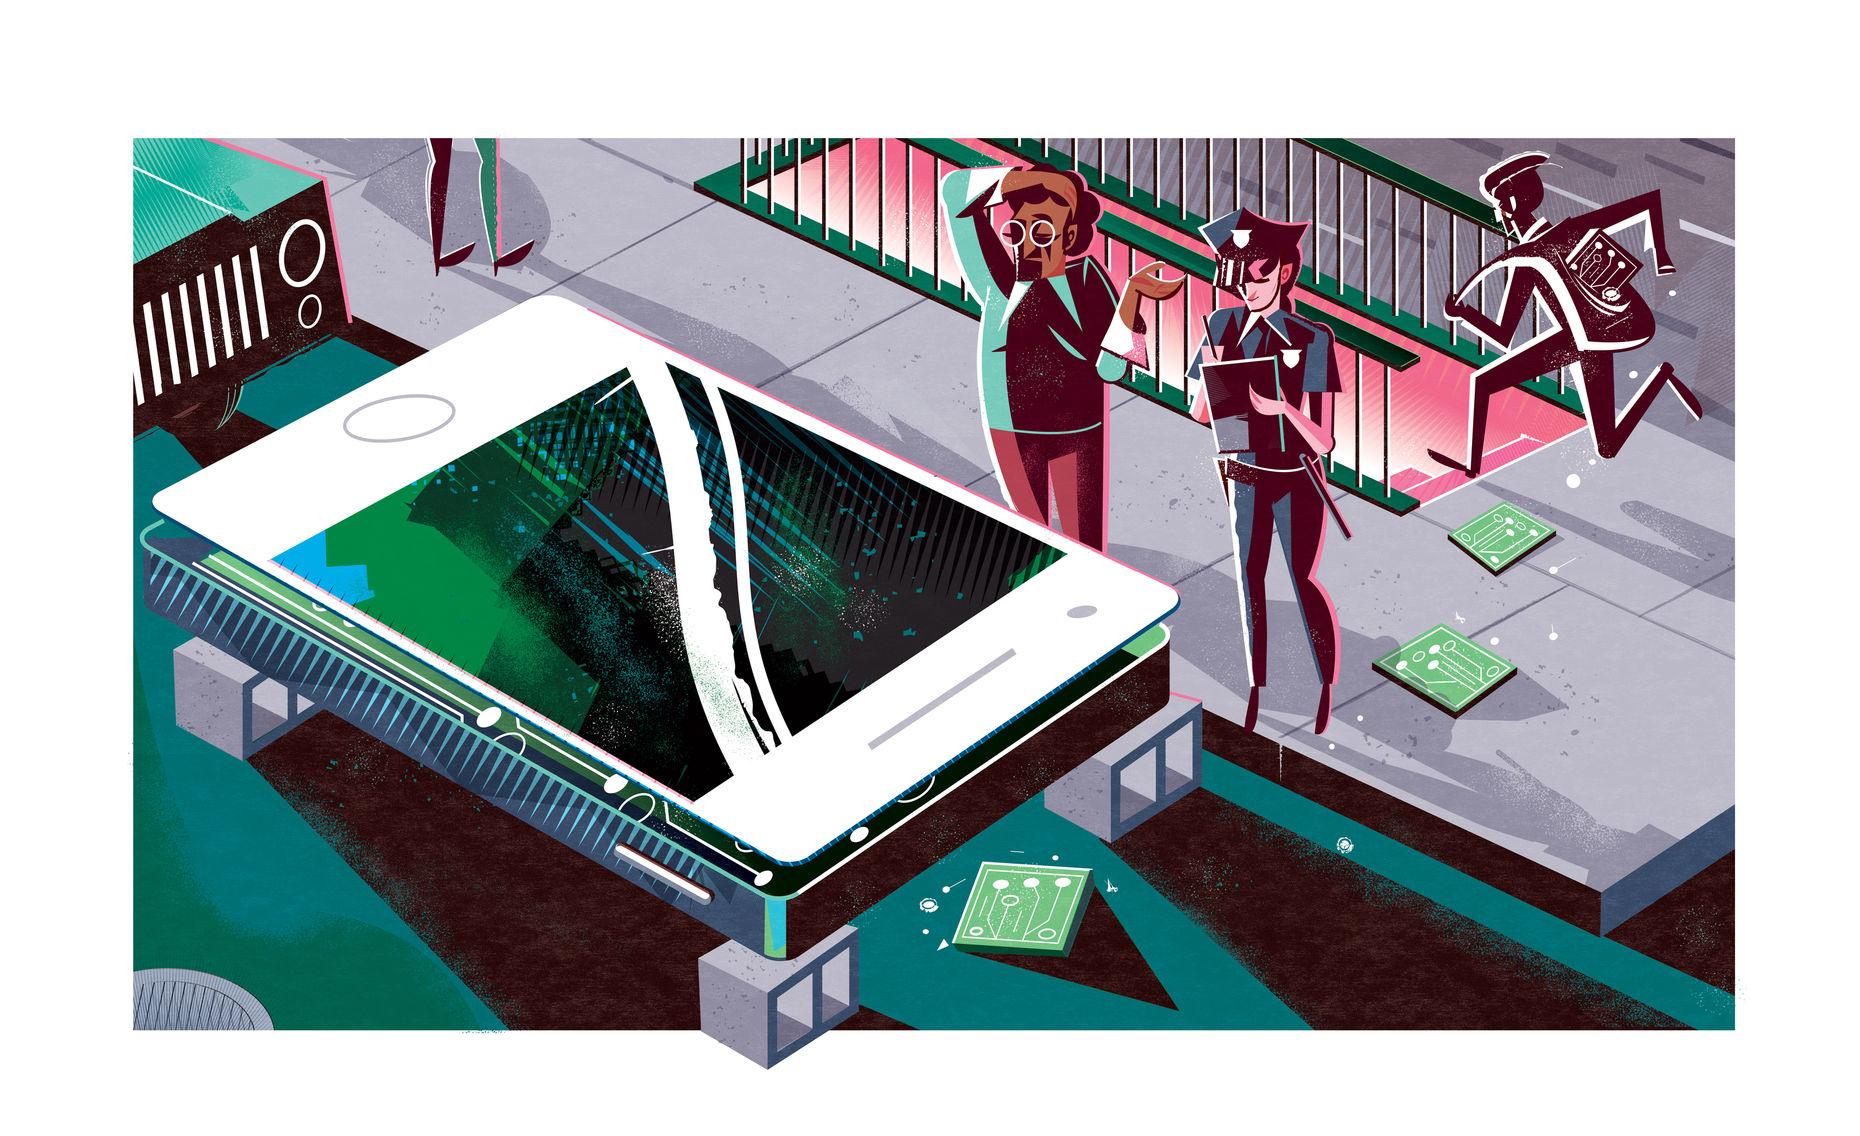 Illustration by Scotty Reifsynder